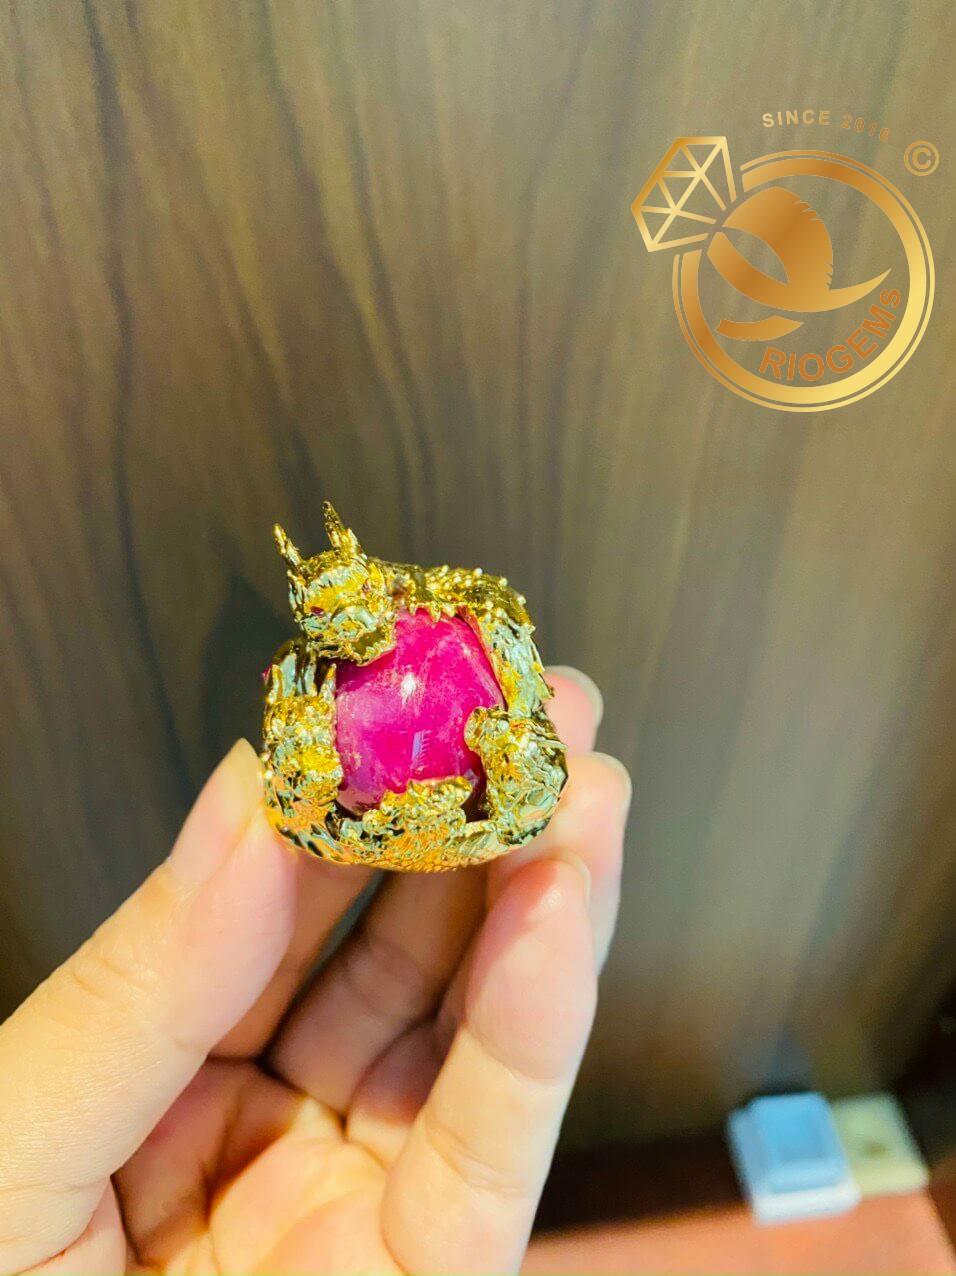 Nhẫn tứ linh LONG LÂN QUY PHỤNG 1 cây vàng 18K ôm ngọc RUBY Thái tinh xảo, cầu kỳ